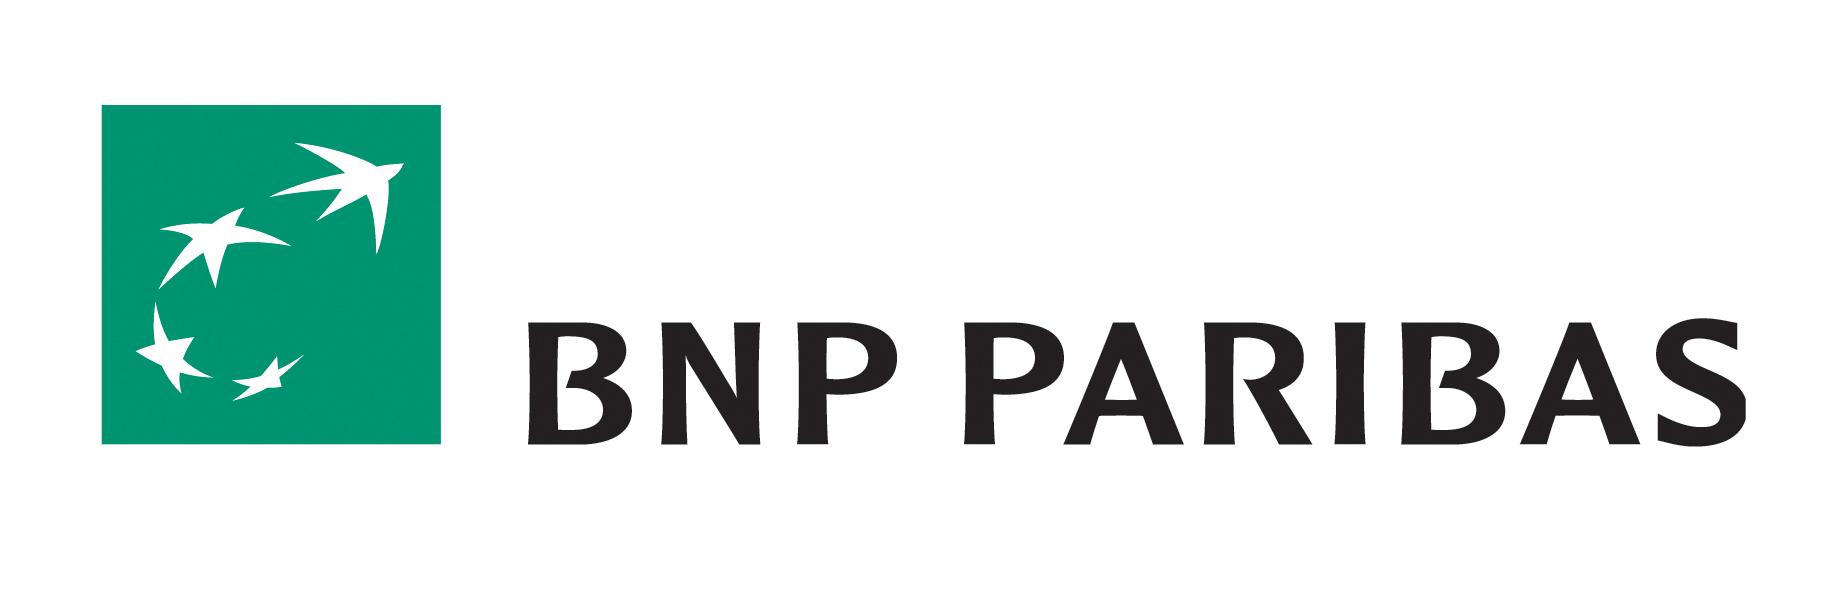 bnp paribas devient le sponsor titre de la 171 bnp paribas